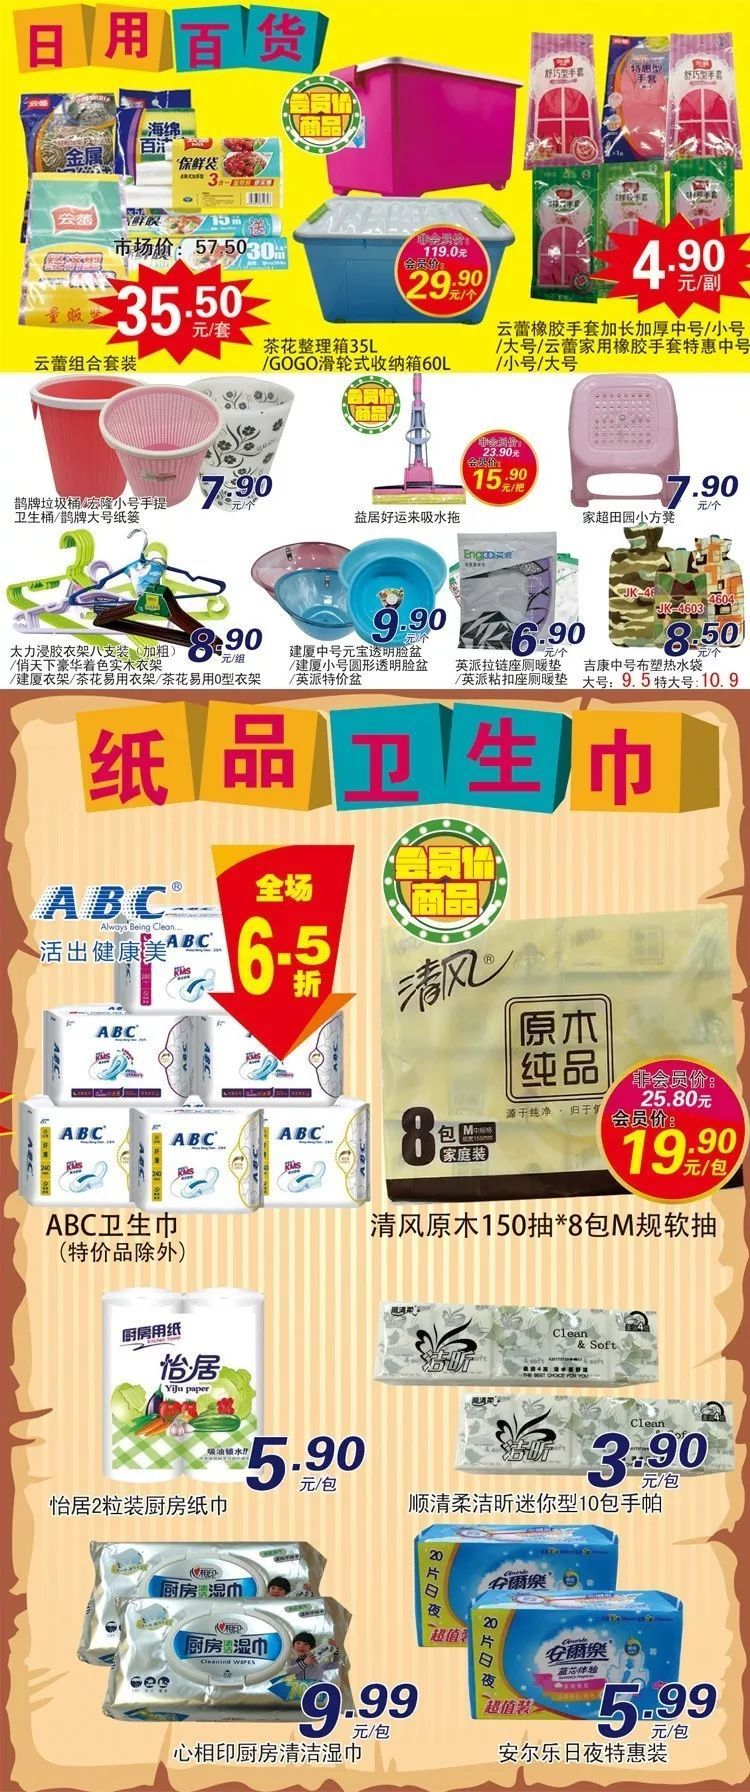 利群(软阳光)香烟价格表和图片,利群(软阳光)烟多... _中国戒烟网